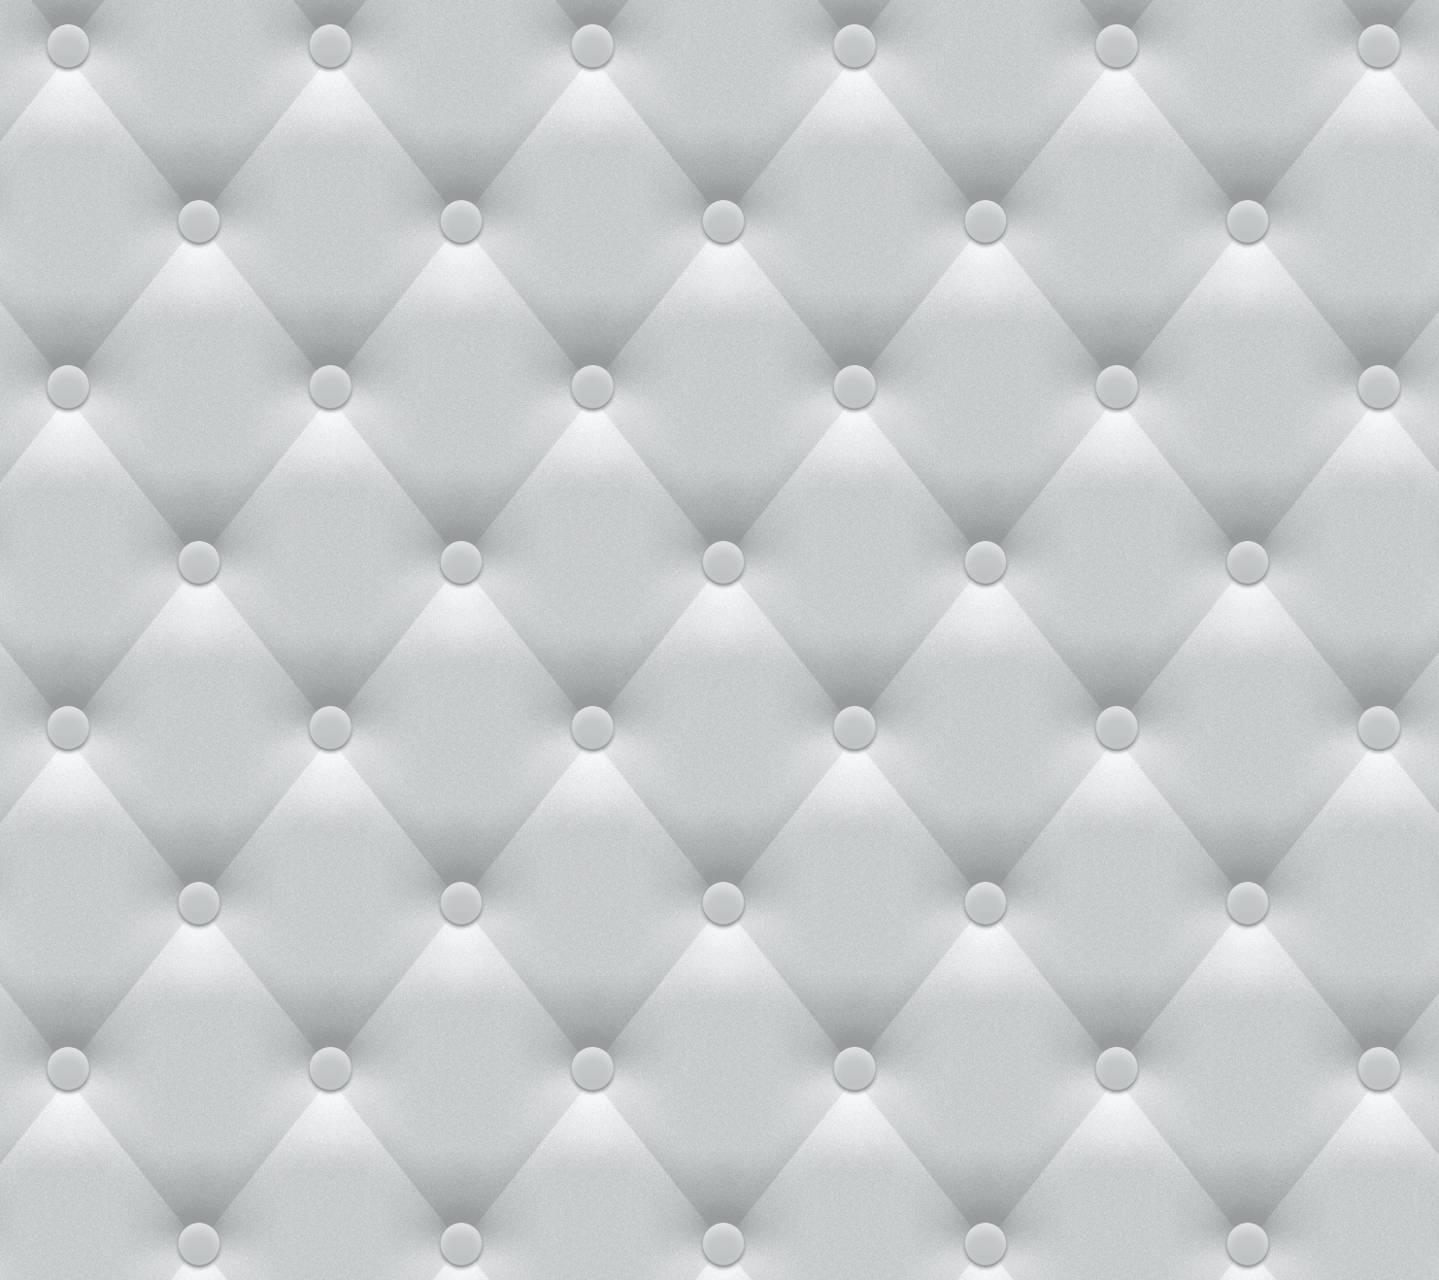 White Capitone